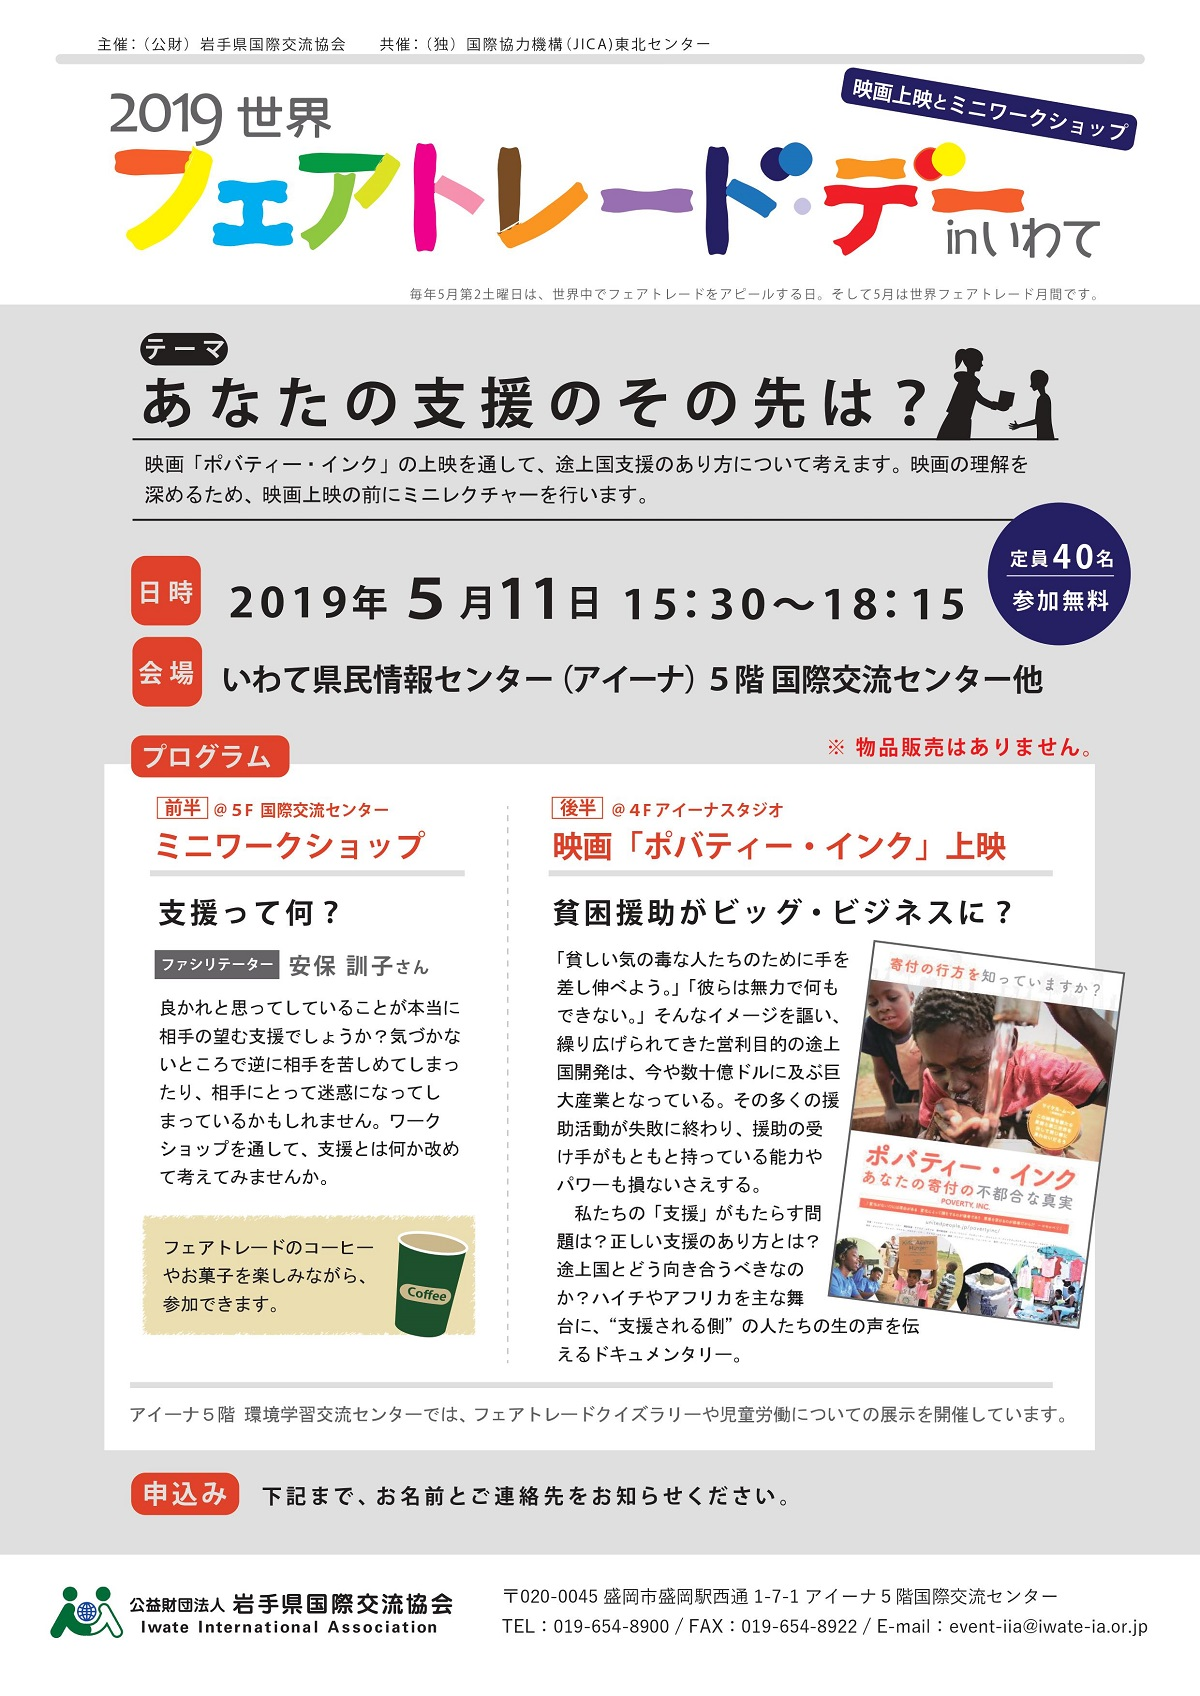 http://blog.iwate-eco.jp/2019/05/03/0001.jpg